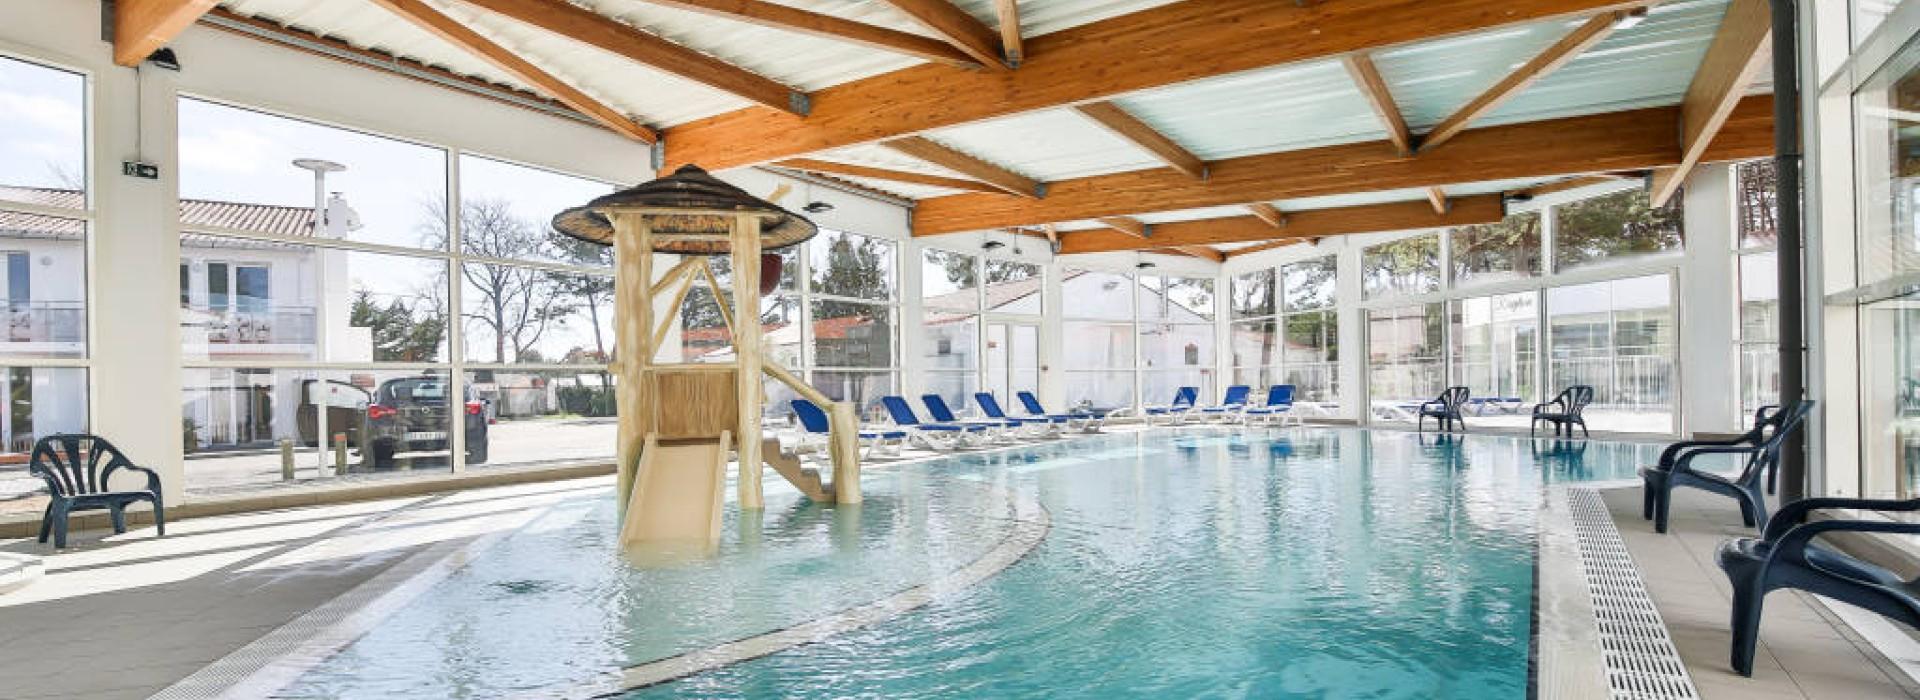 Vent D U0026 39 Eden Park Hotel  H U00f4tels En Pays De La Loire